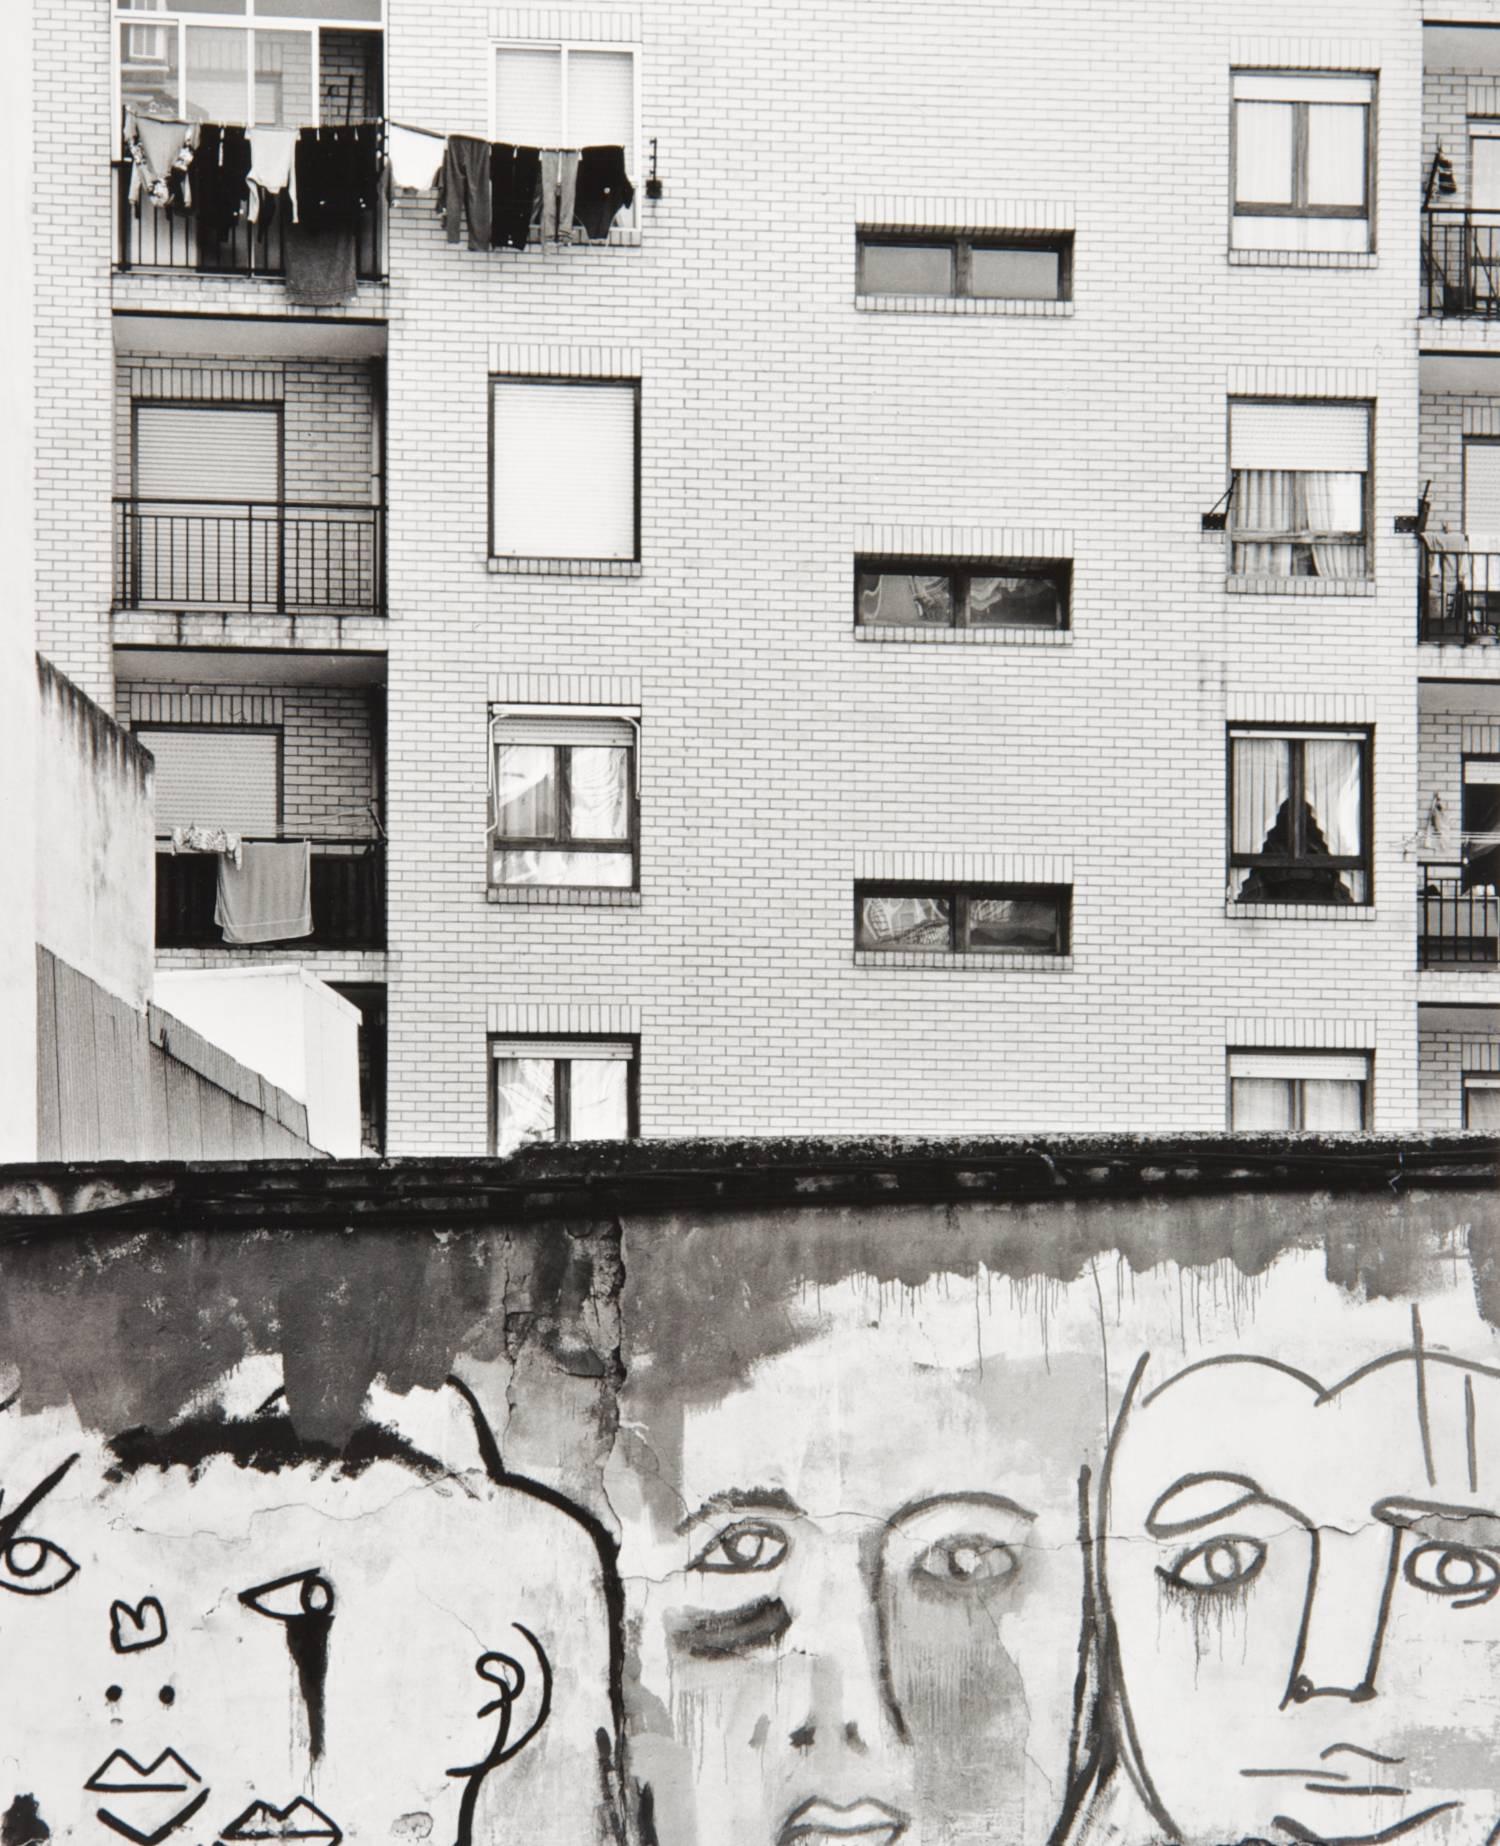 Street Art (Calahorra, Spain)